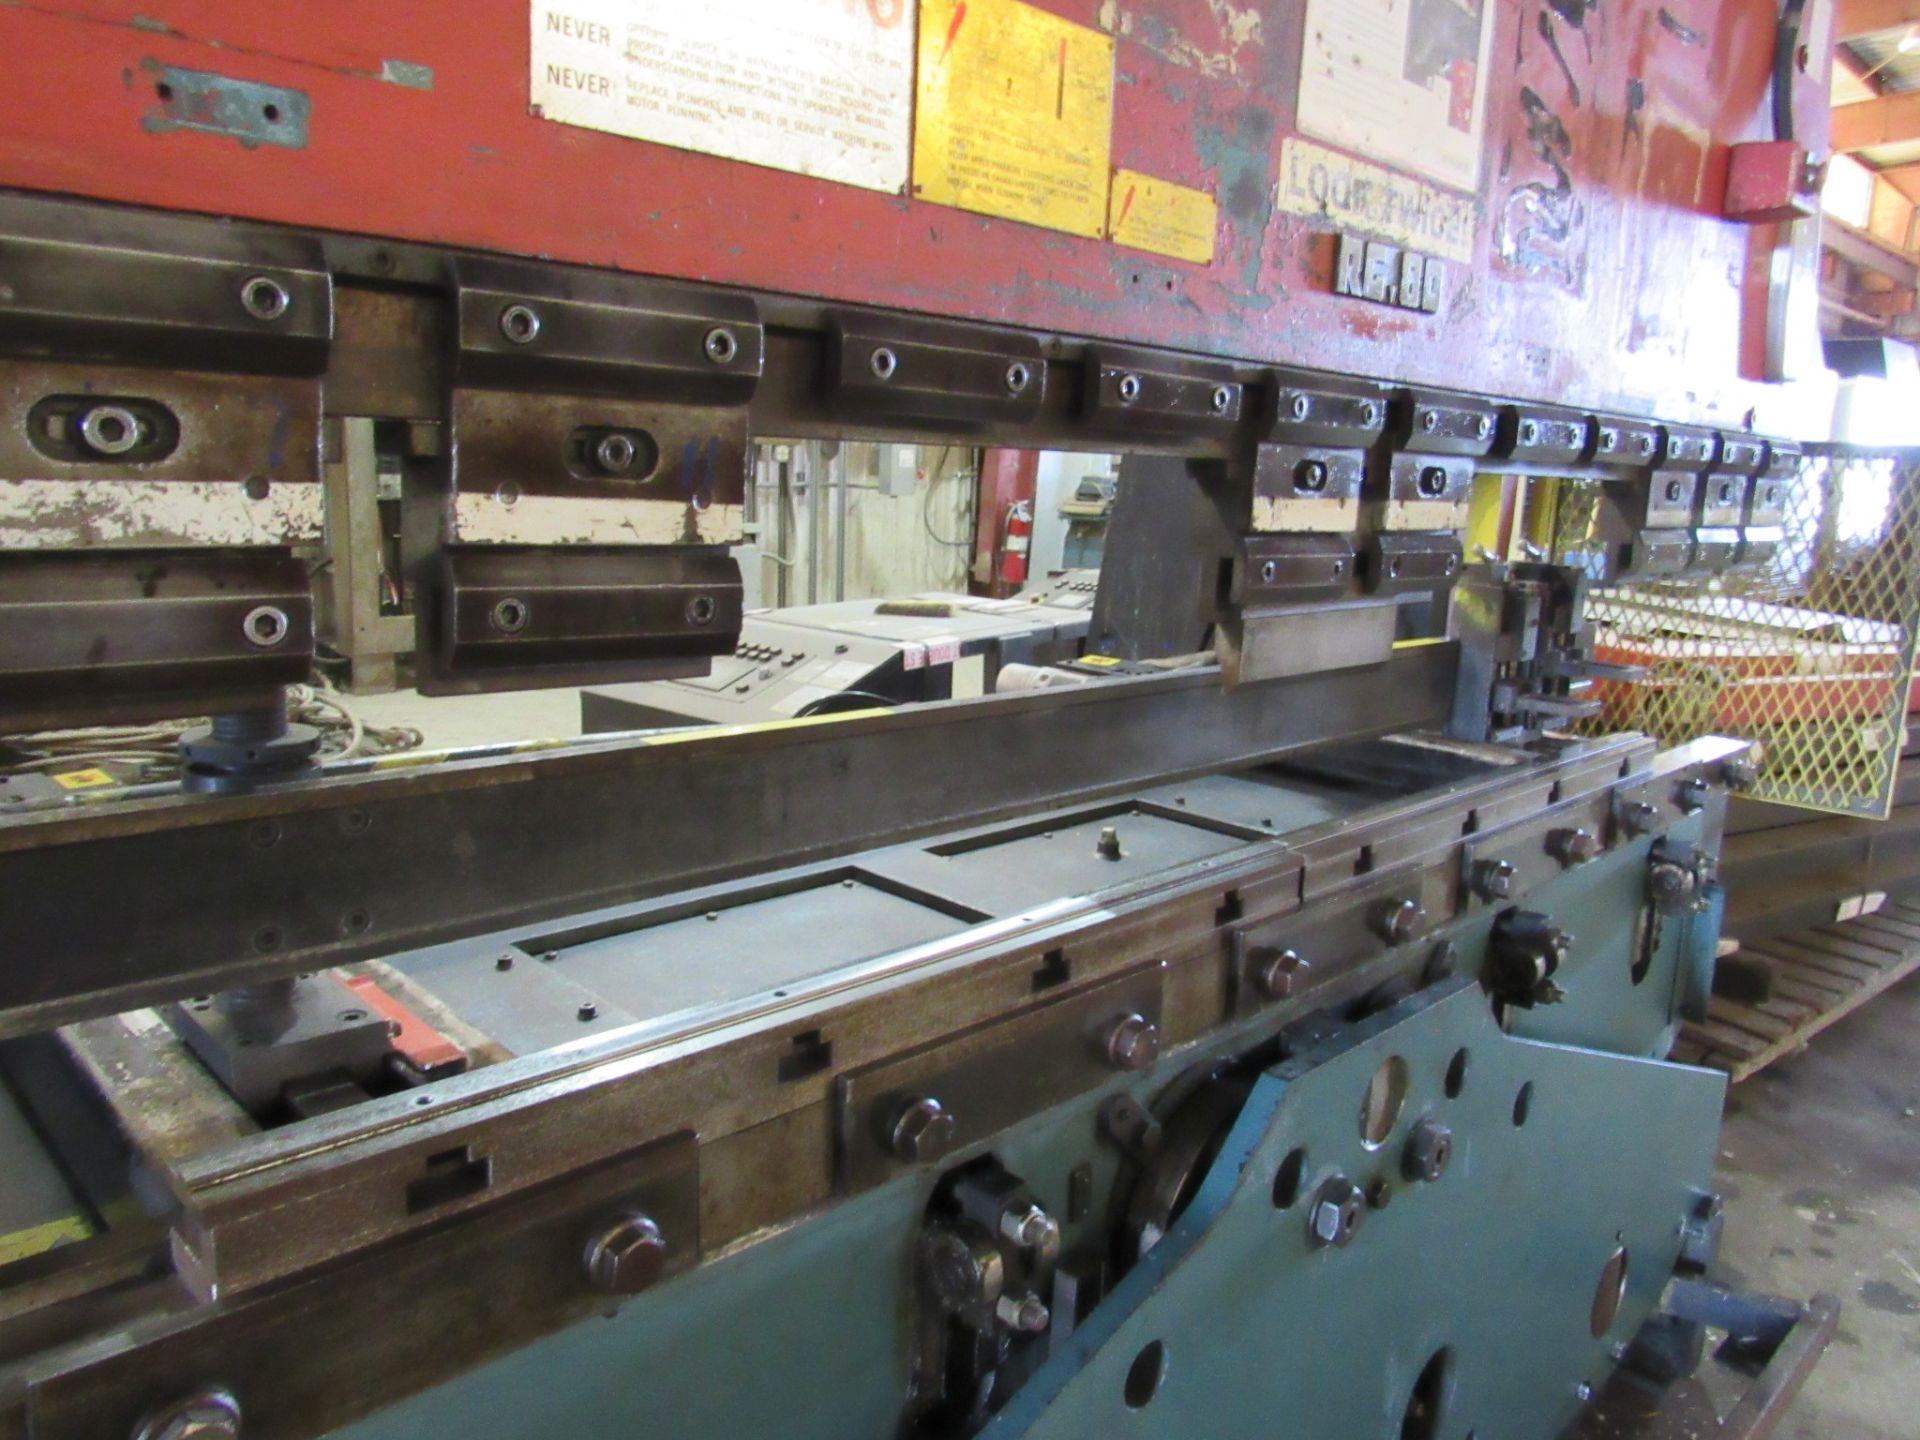 Amada 80 Ton RG 80 Press Brake - Image 5 of 7